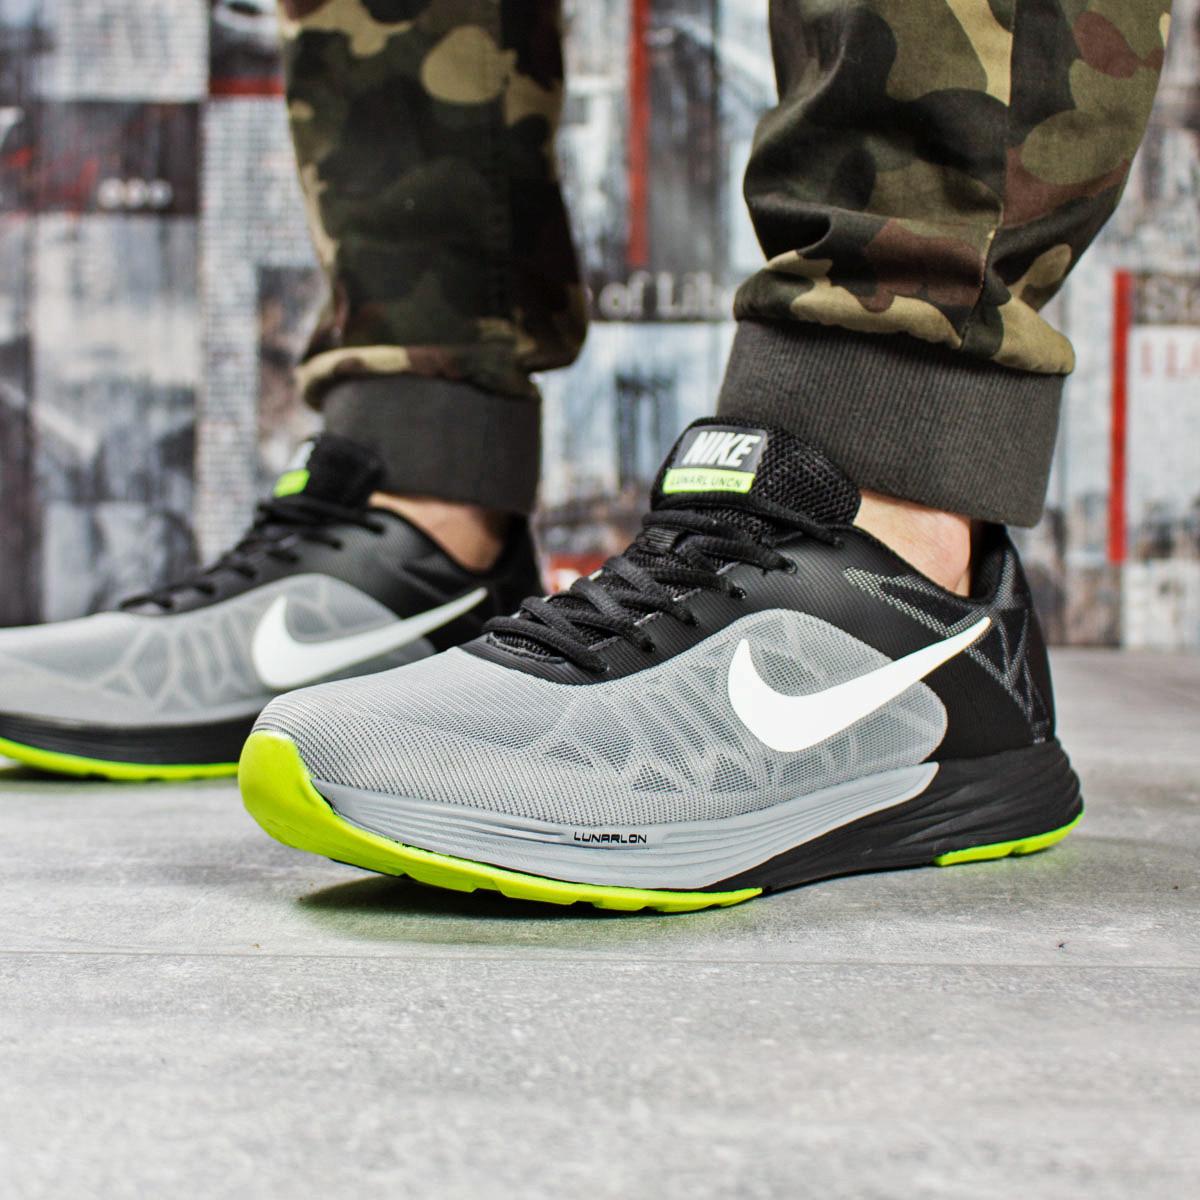 b33ddf21 Мужские кроссовки Nike Lunar Uncn, серые / найк лунар / чоловічі кросівки  (Топ реплика